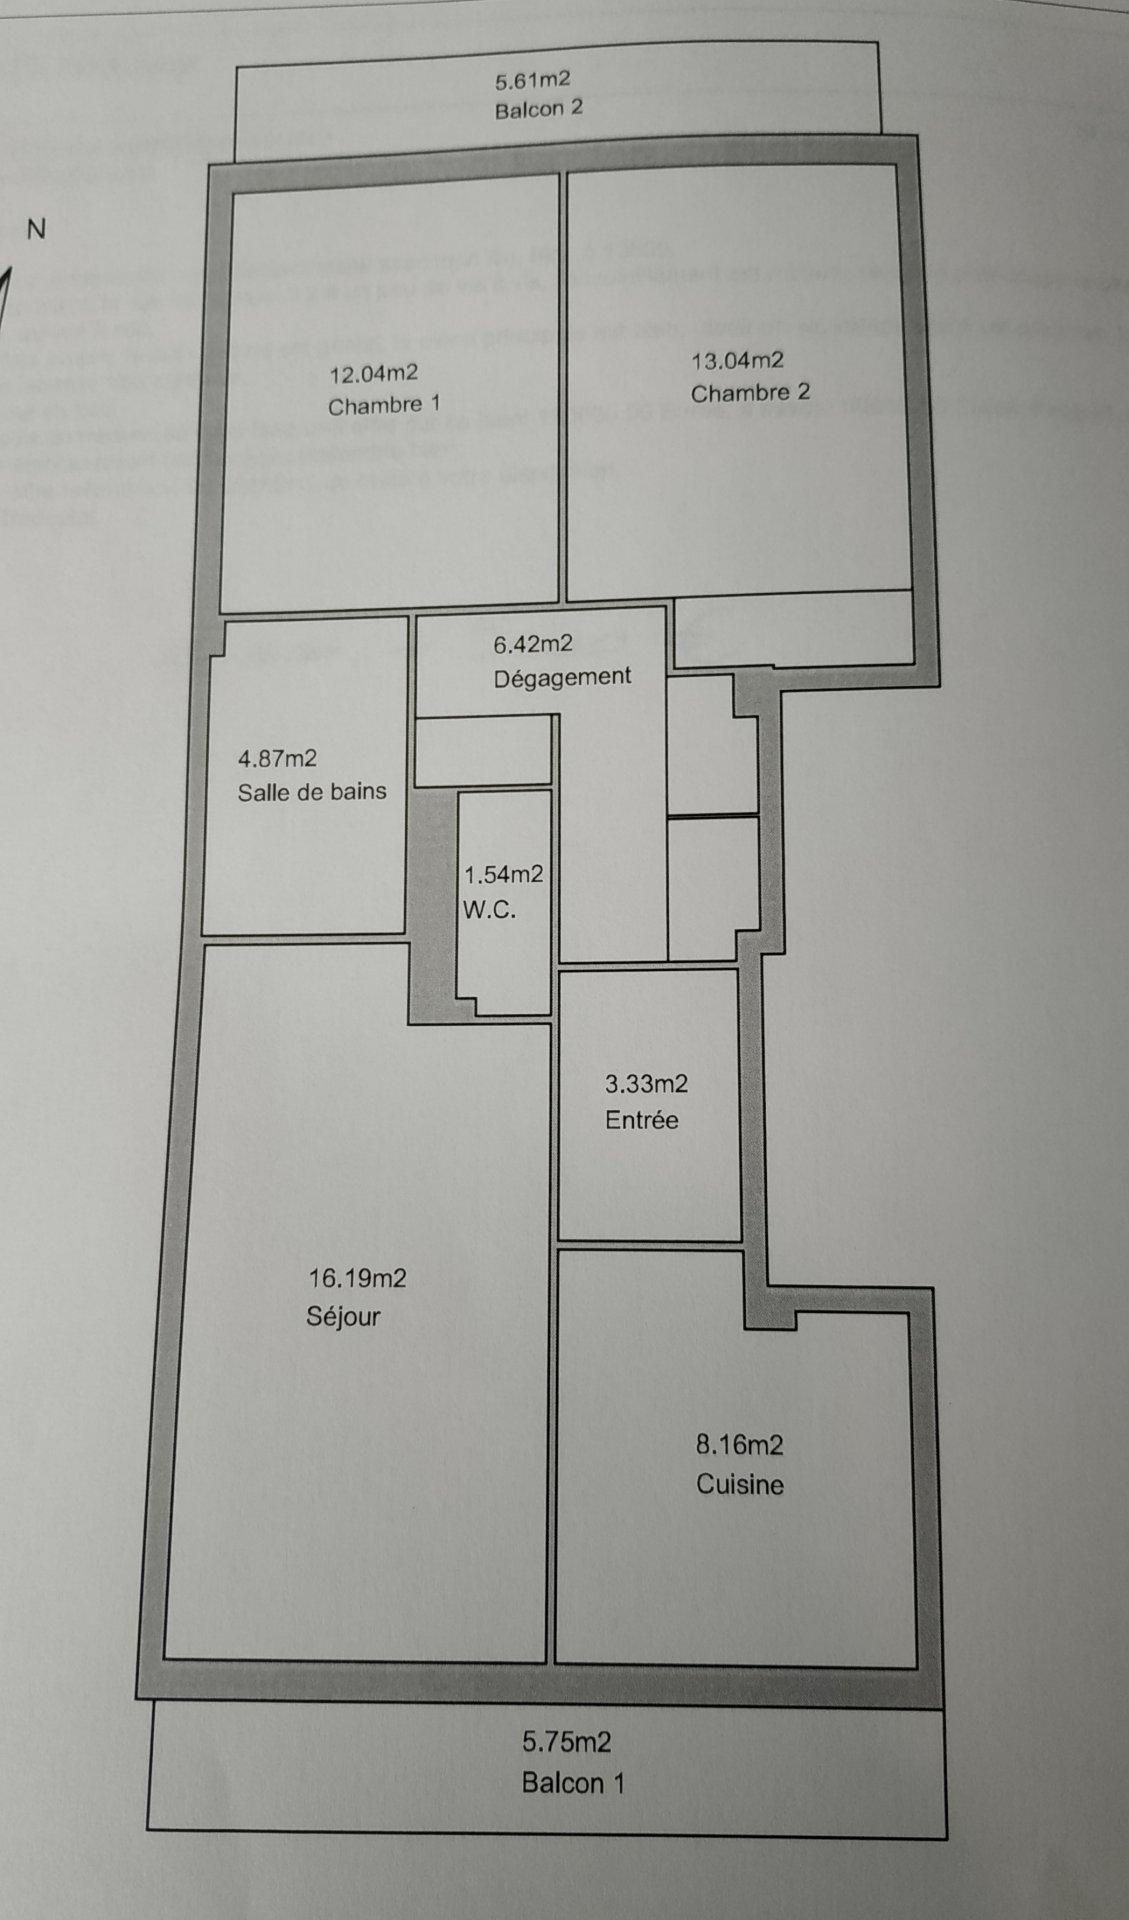 GOLFE JUAN - Agréable F3 de 64m² traversant dans une résidence au coeur de centre ville proche toutes commodités